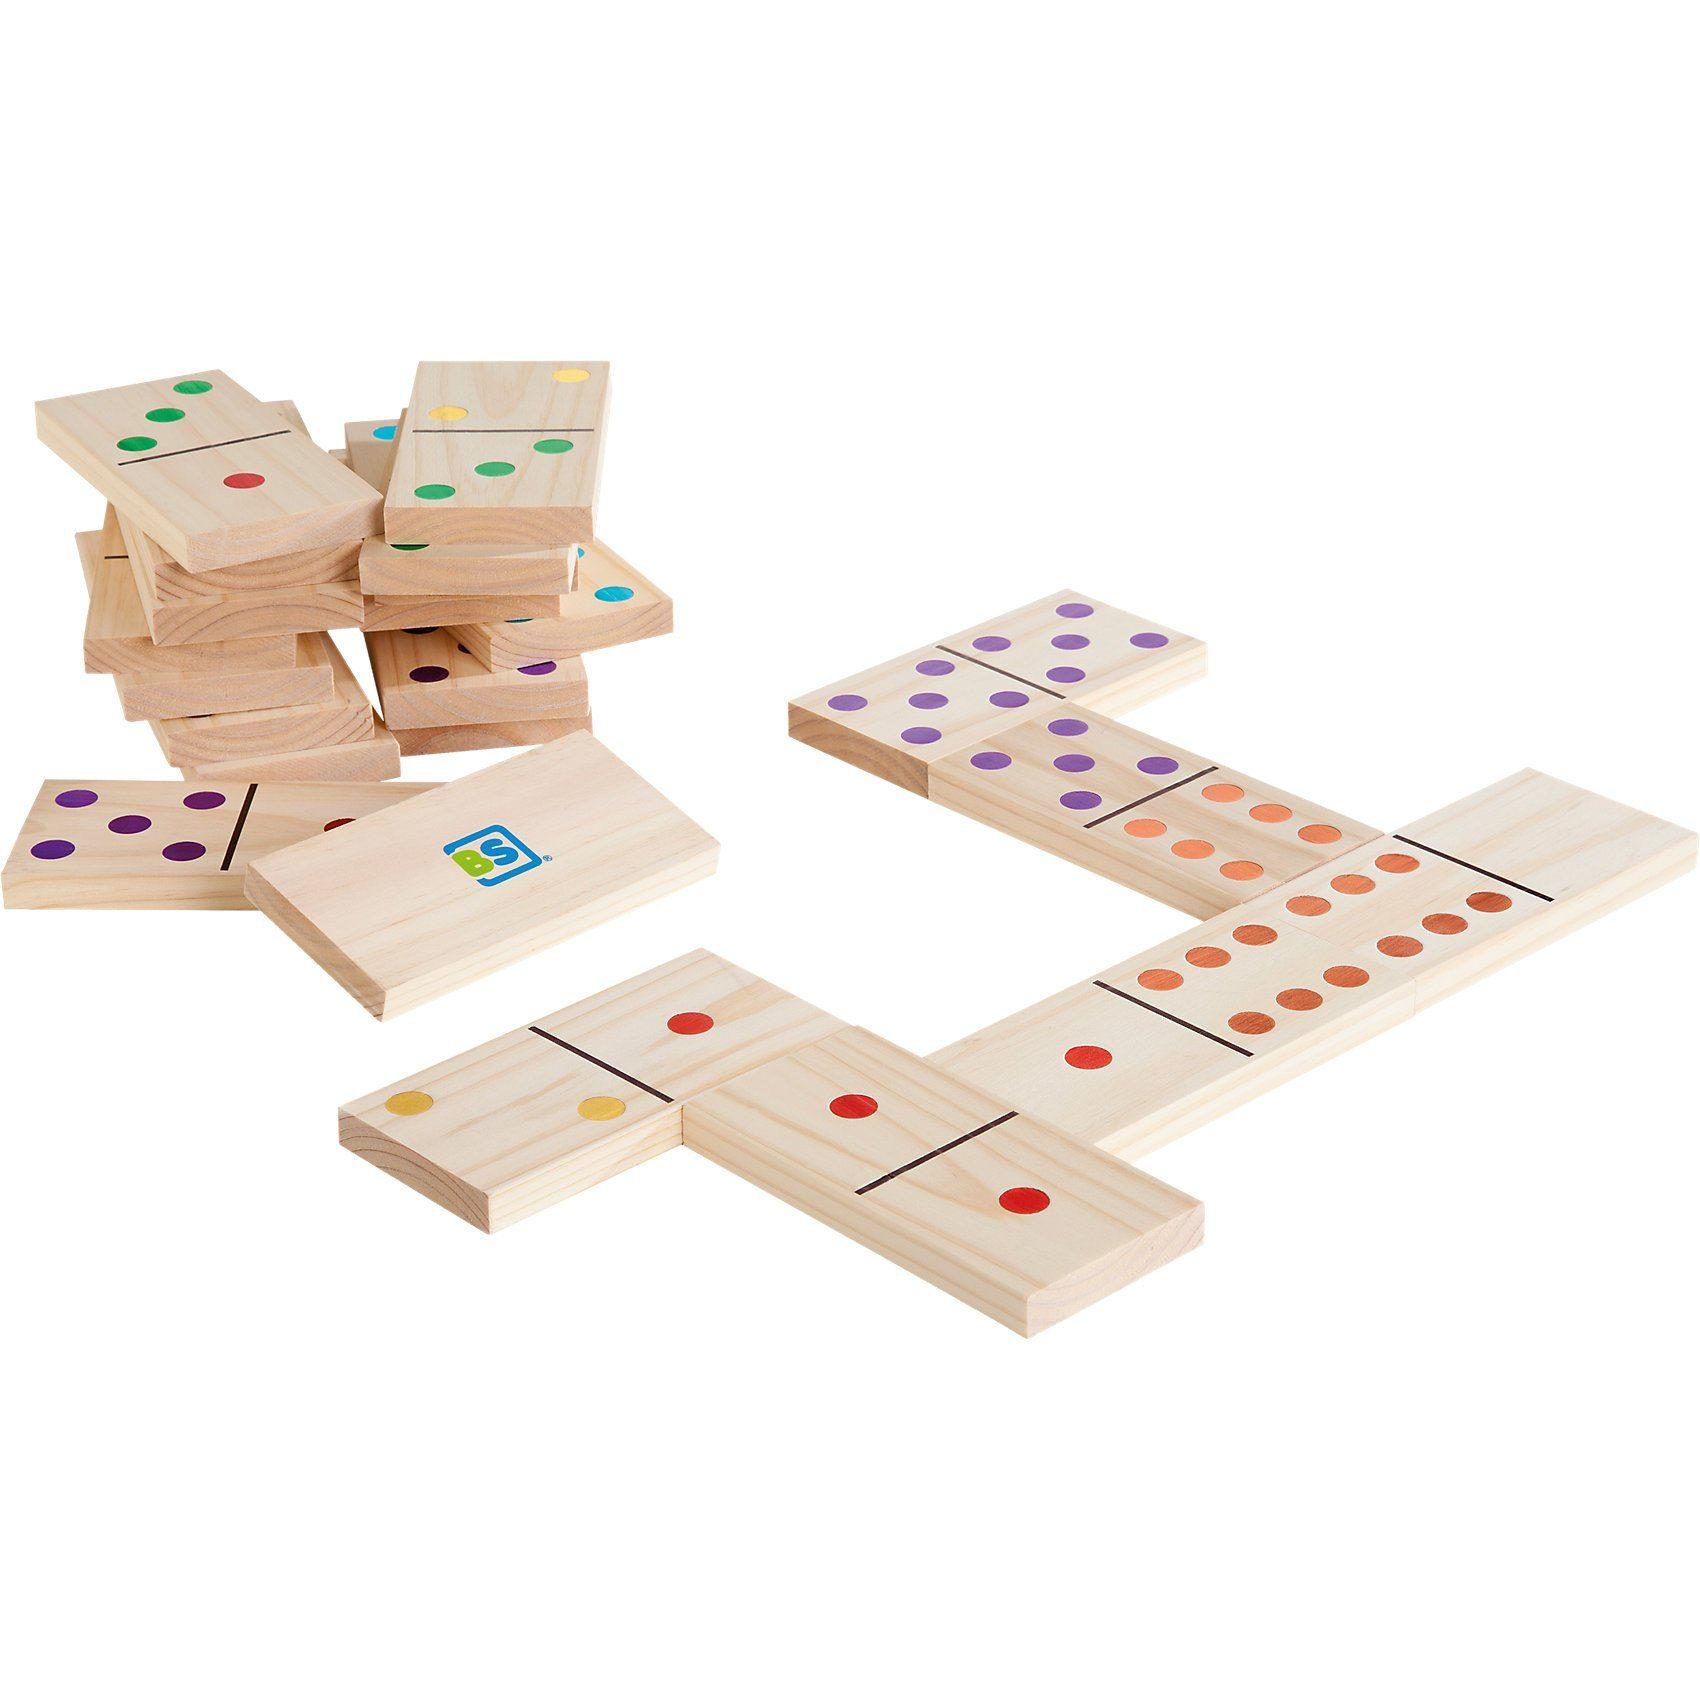 Buiten Speel (BS) Dominospiel, farbig